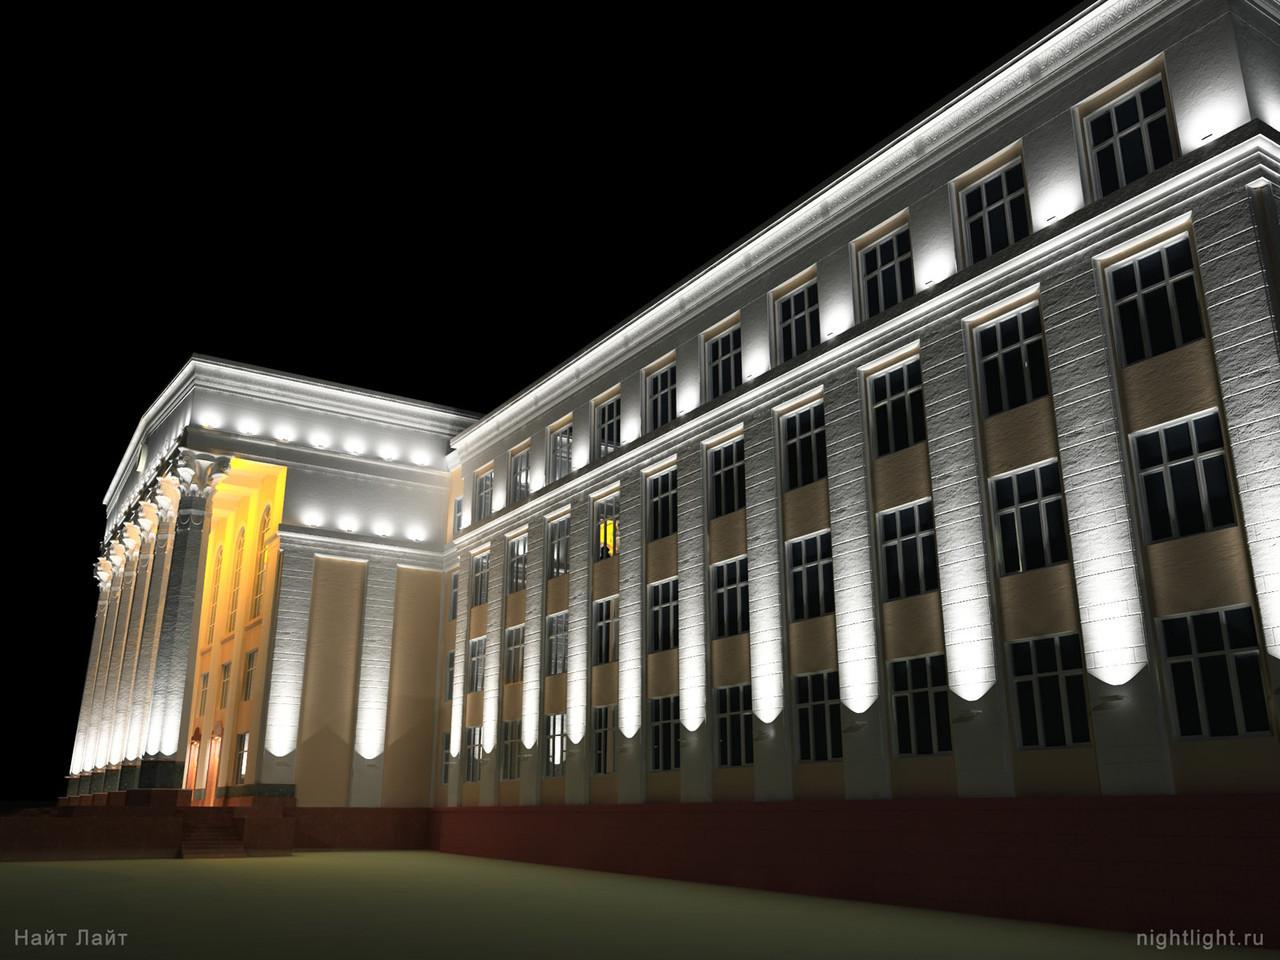 Led прожектор для колонн 24W, архитектурный с линзами, 8-10м. Светодиодный узконаправленный фасадный 24Ватт.